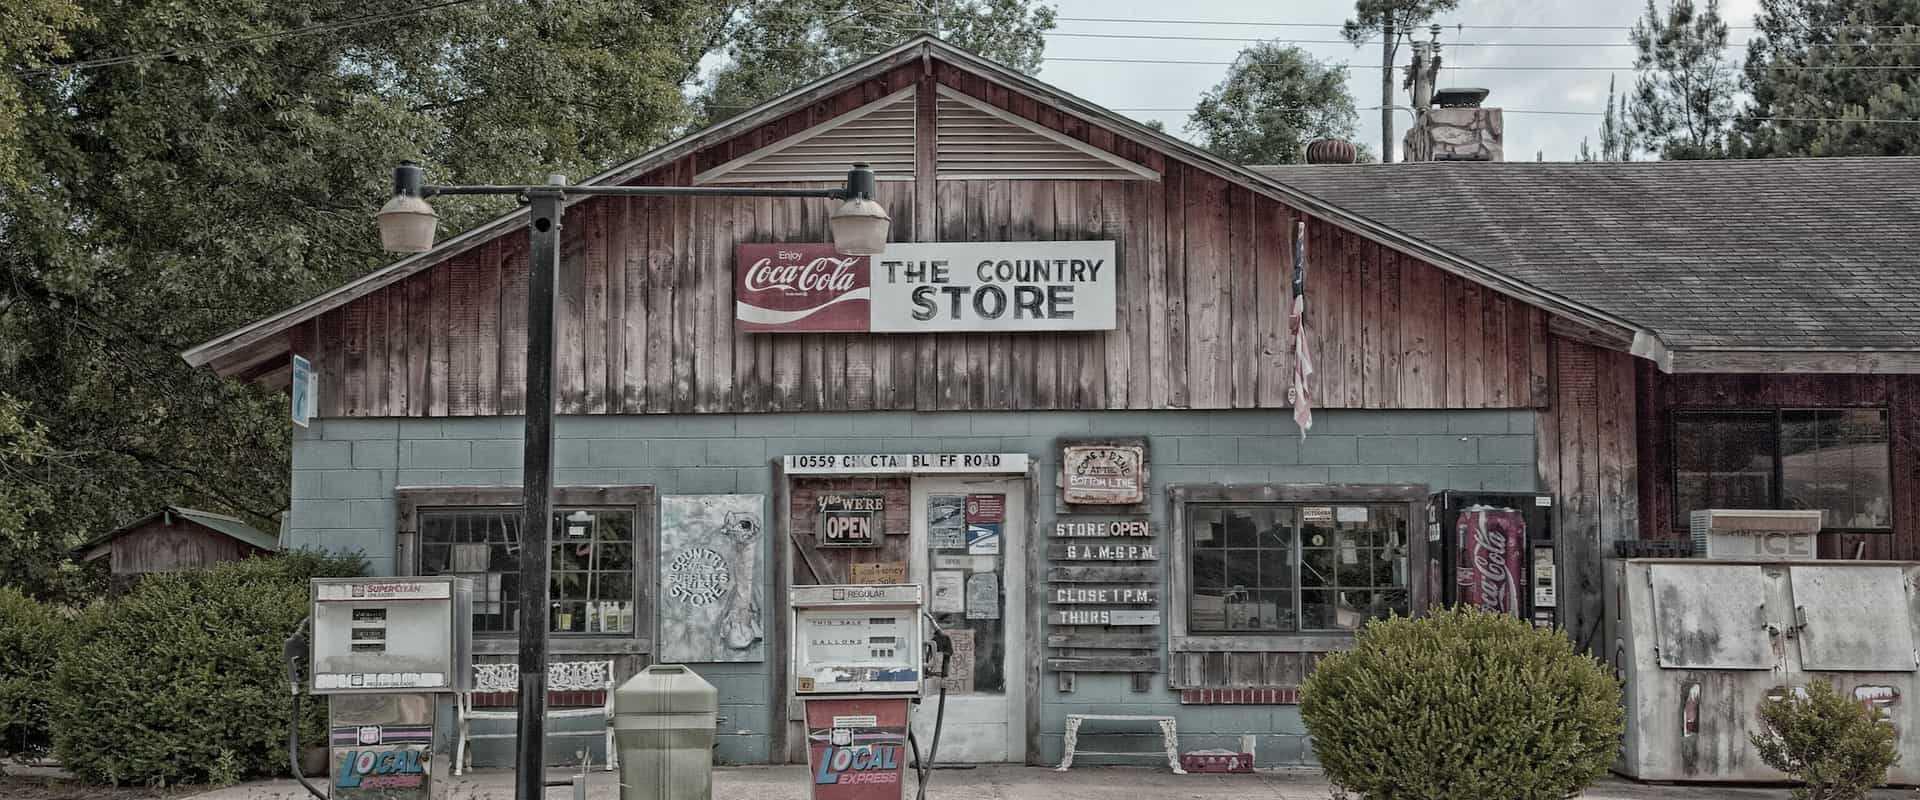 POS Lösung für Convenience Stores